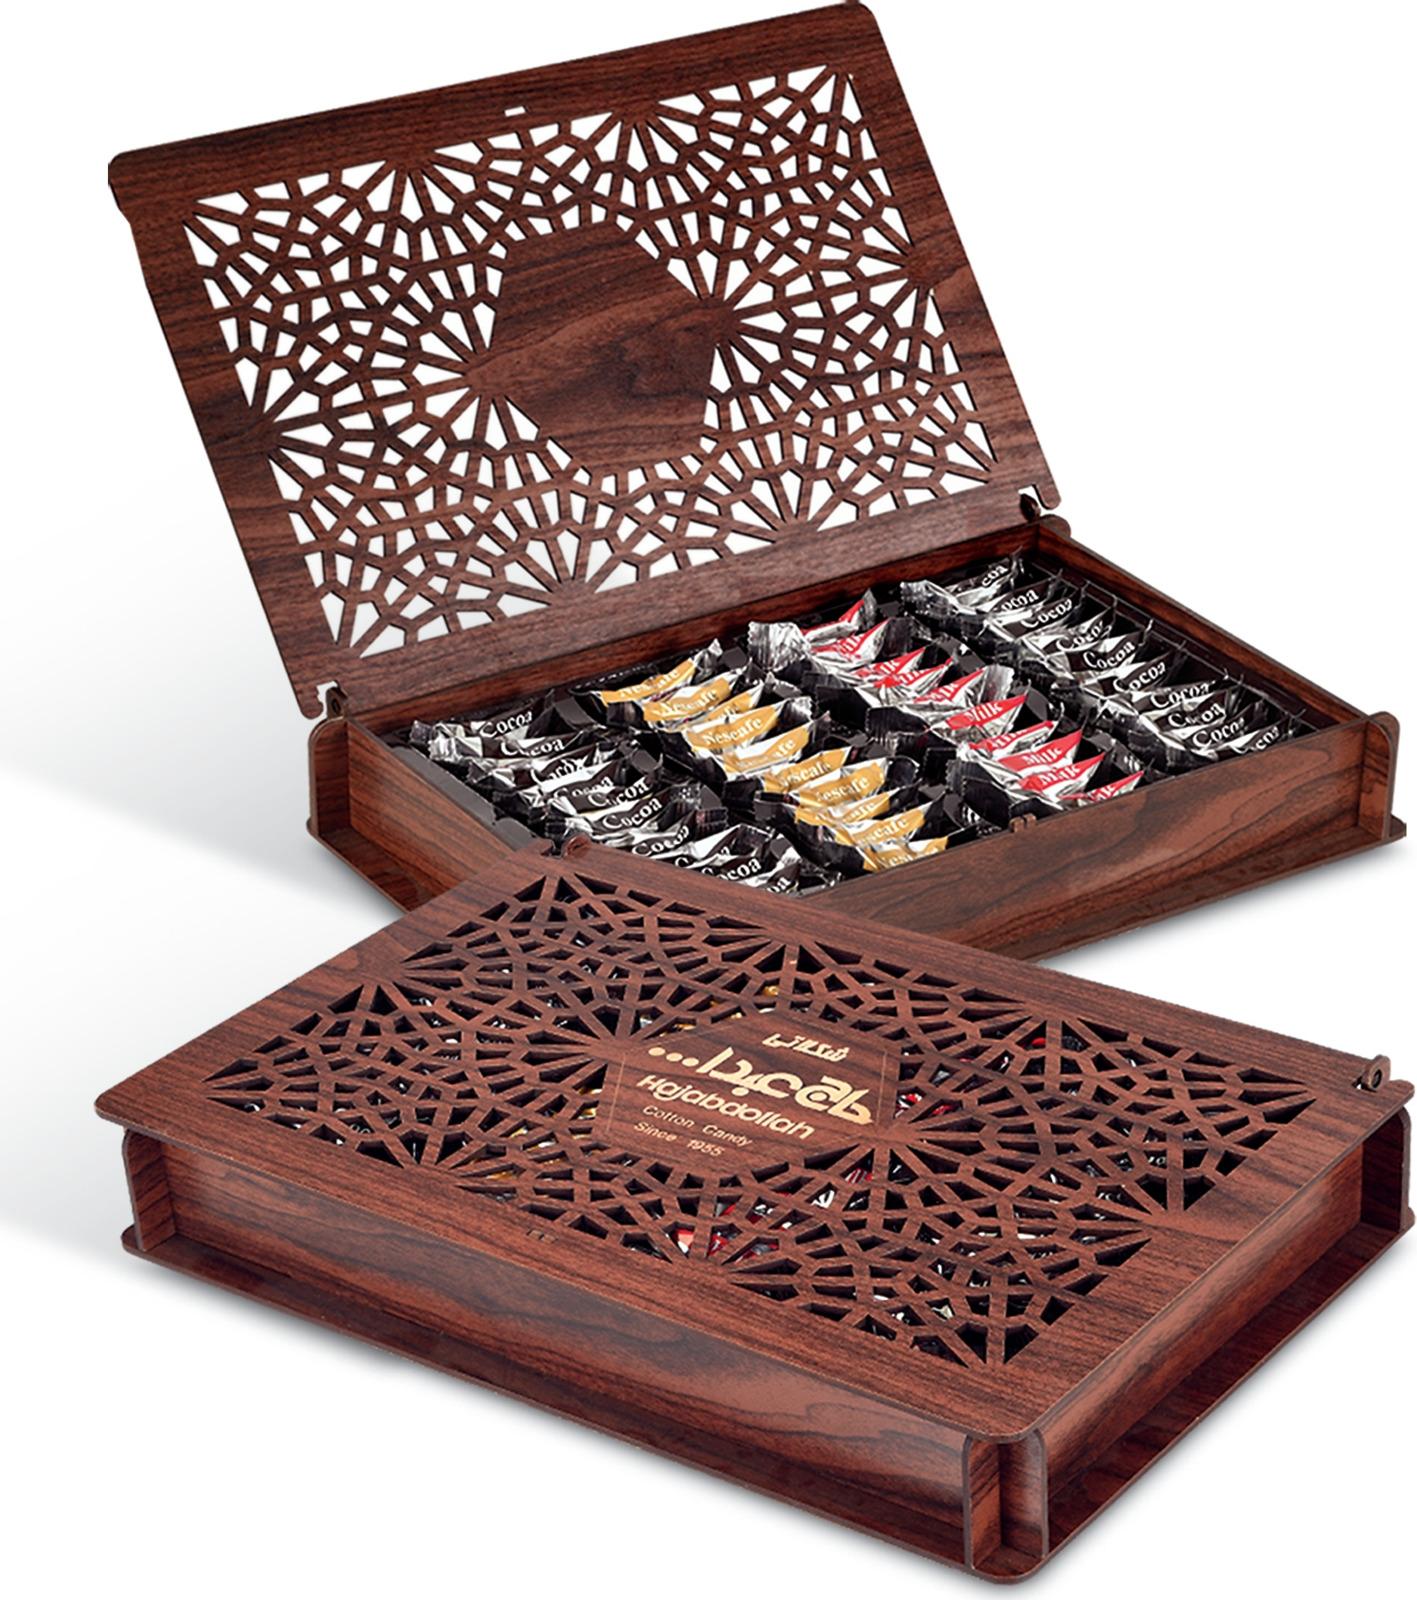 Купить Конфеты из пашмалы Hajabdollah ассорти со вкусом горького шоколада, ванили и капучино в шоколадной глазури и вкусом корицы в белой глазури, 500 г на XWAP.SU